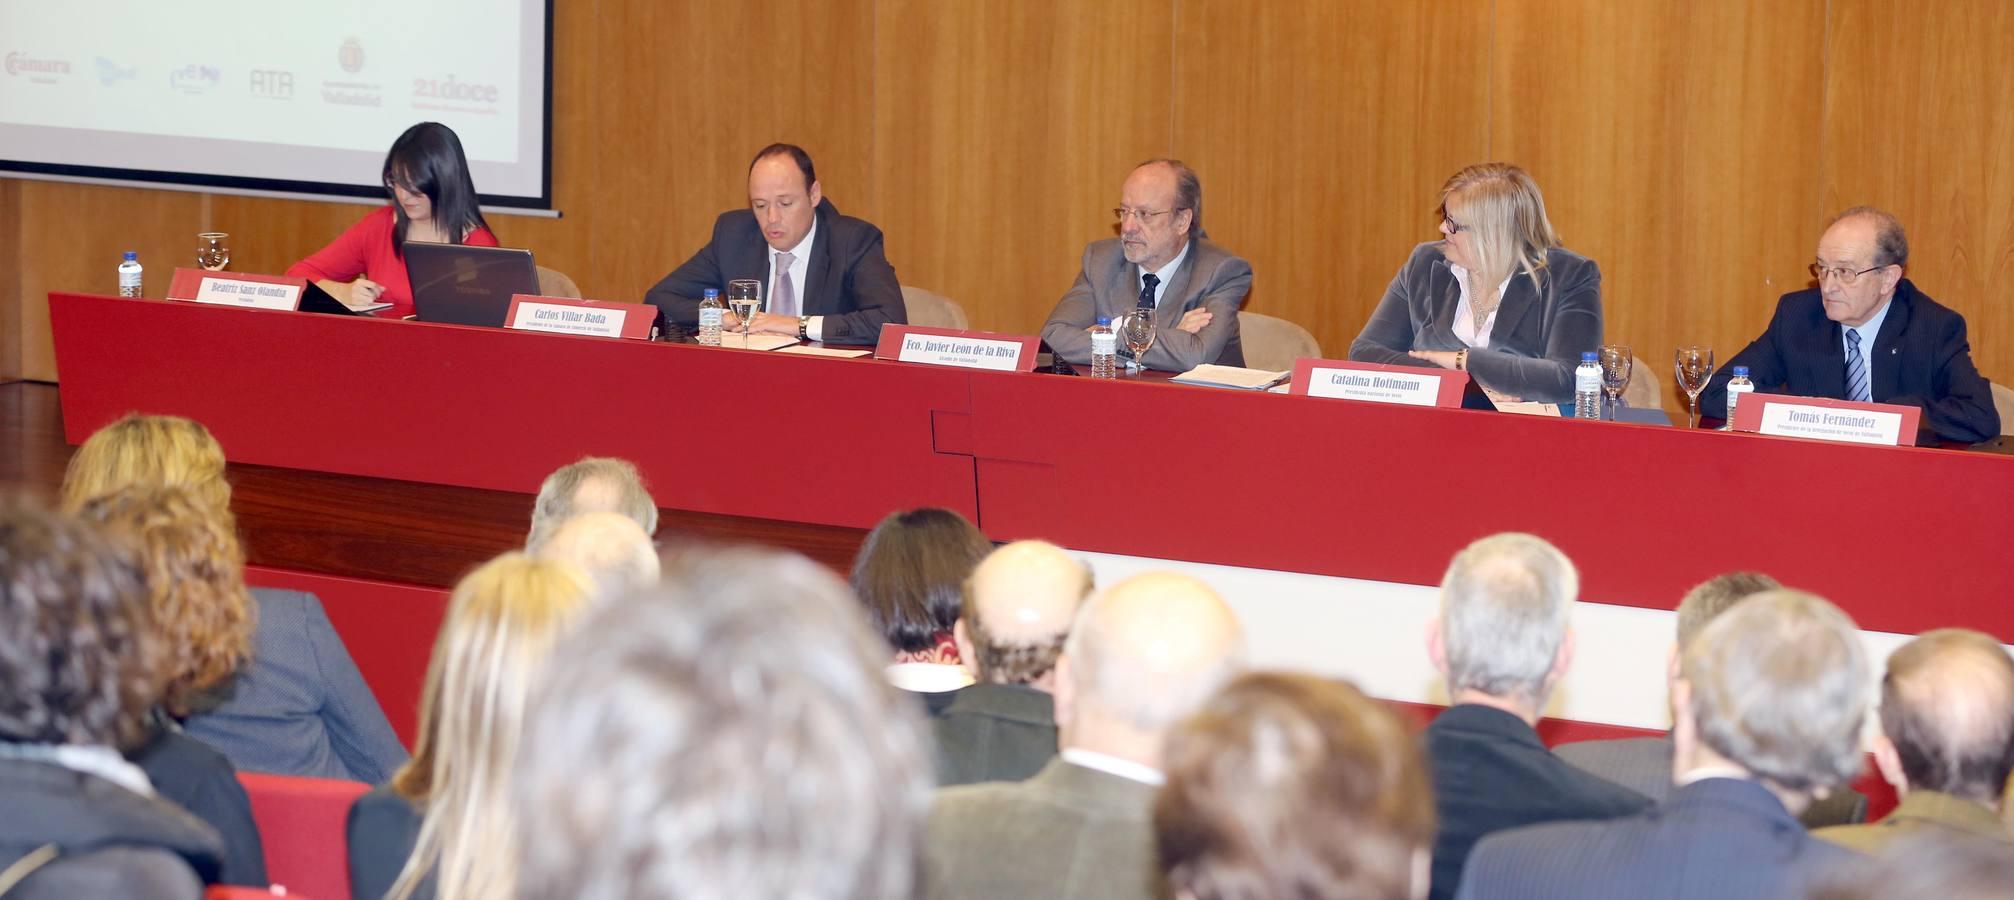 Jornada de Jóvenes Emprendedores organizada por Secot Valladolid